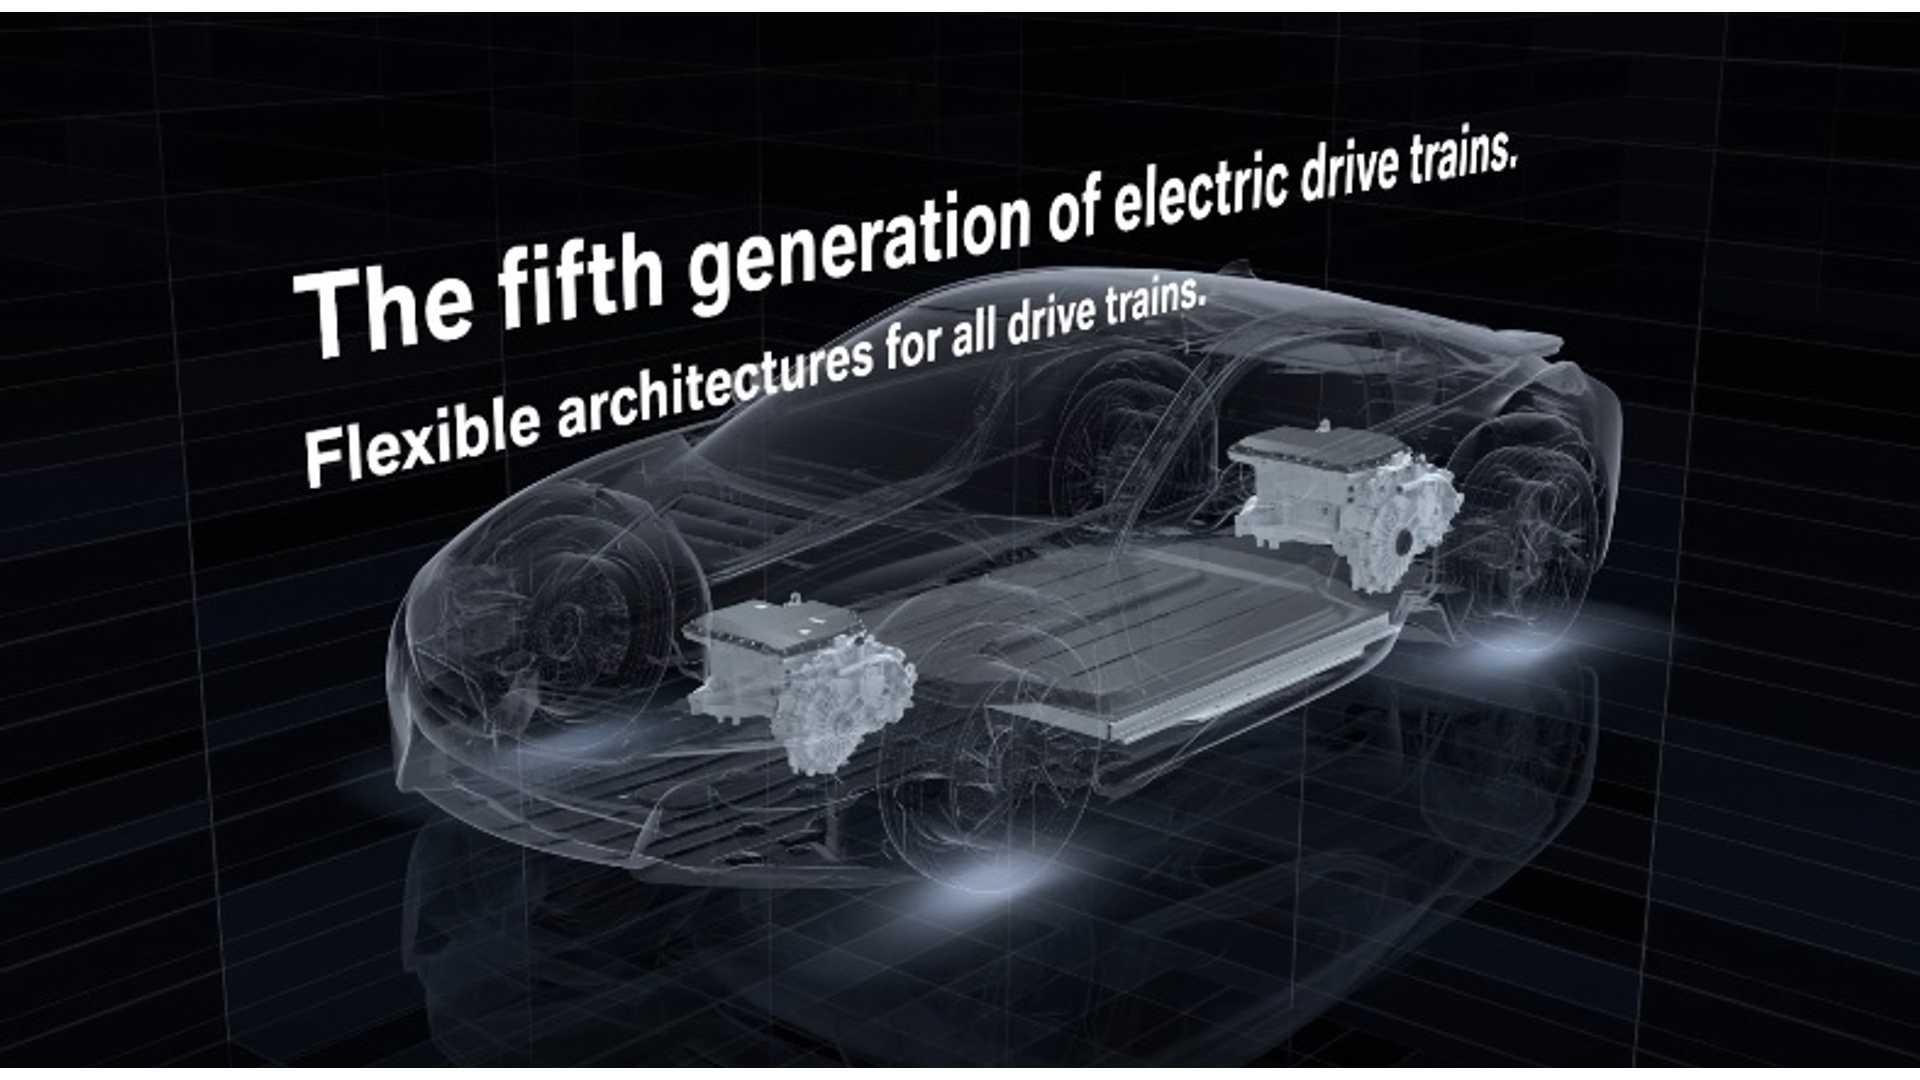 BMW предпочитает гибкость, но может скоро переключиться на выделенные BEV